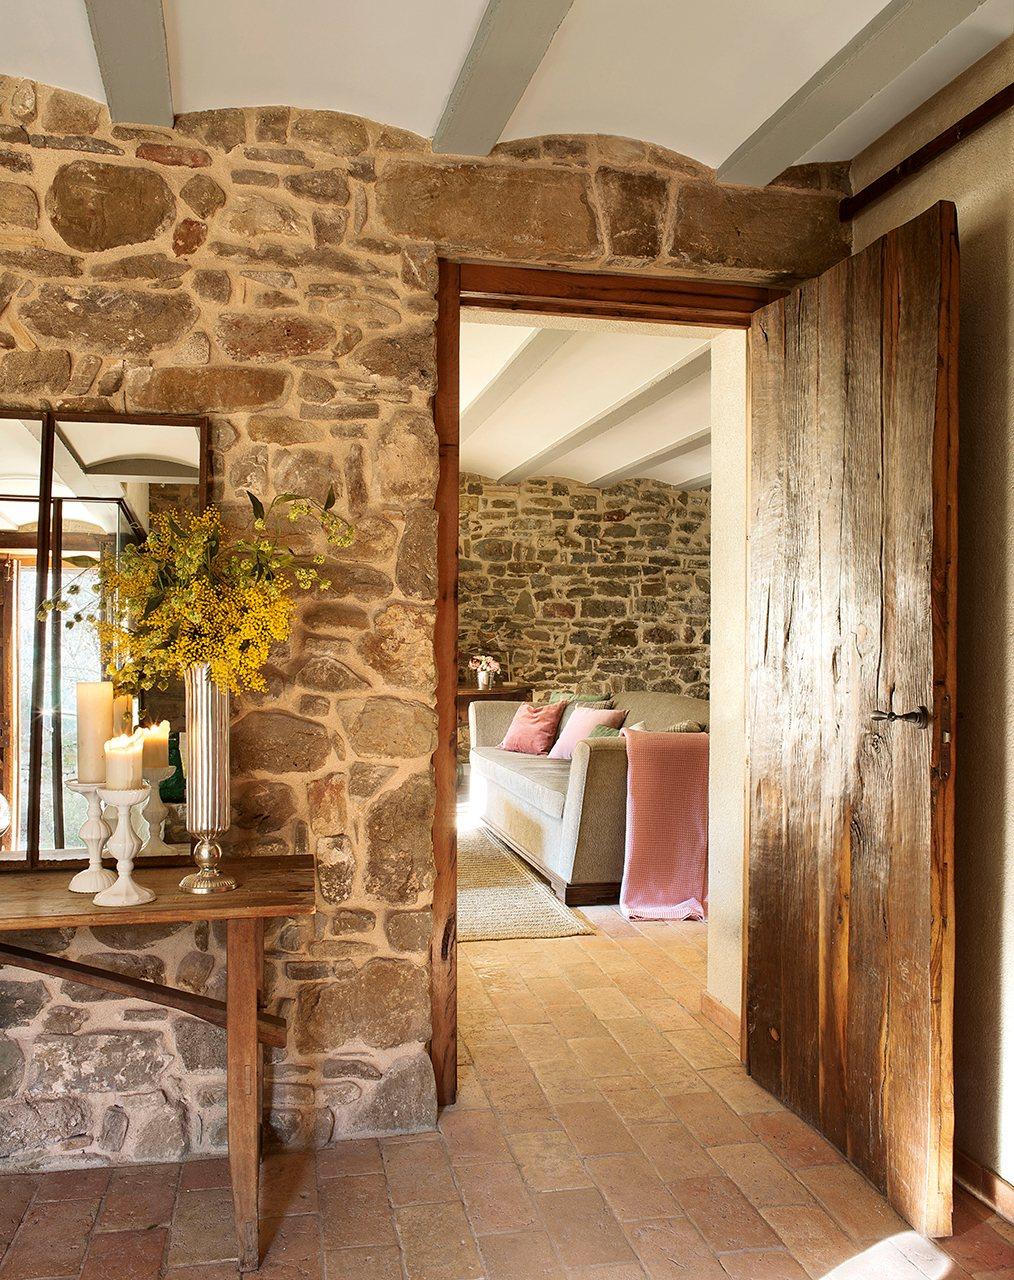 721 - Masía del s. XVI reconvertida en espectacular casa rural en La Garrotxa, Girona